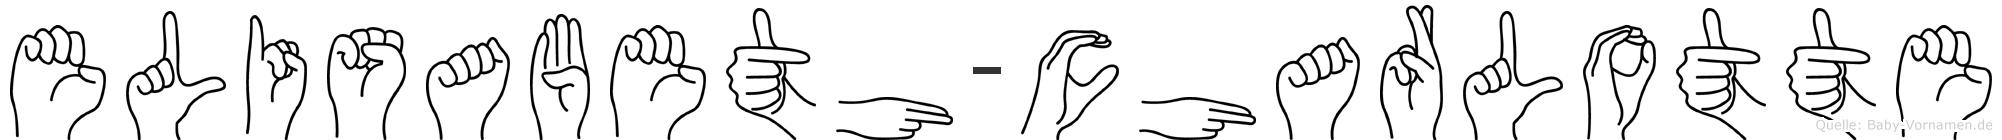 Elisabeth-Charlotte im Fingeralphabet der Deutschen Gebärdensprache